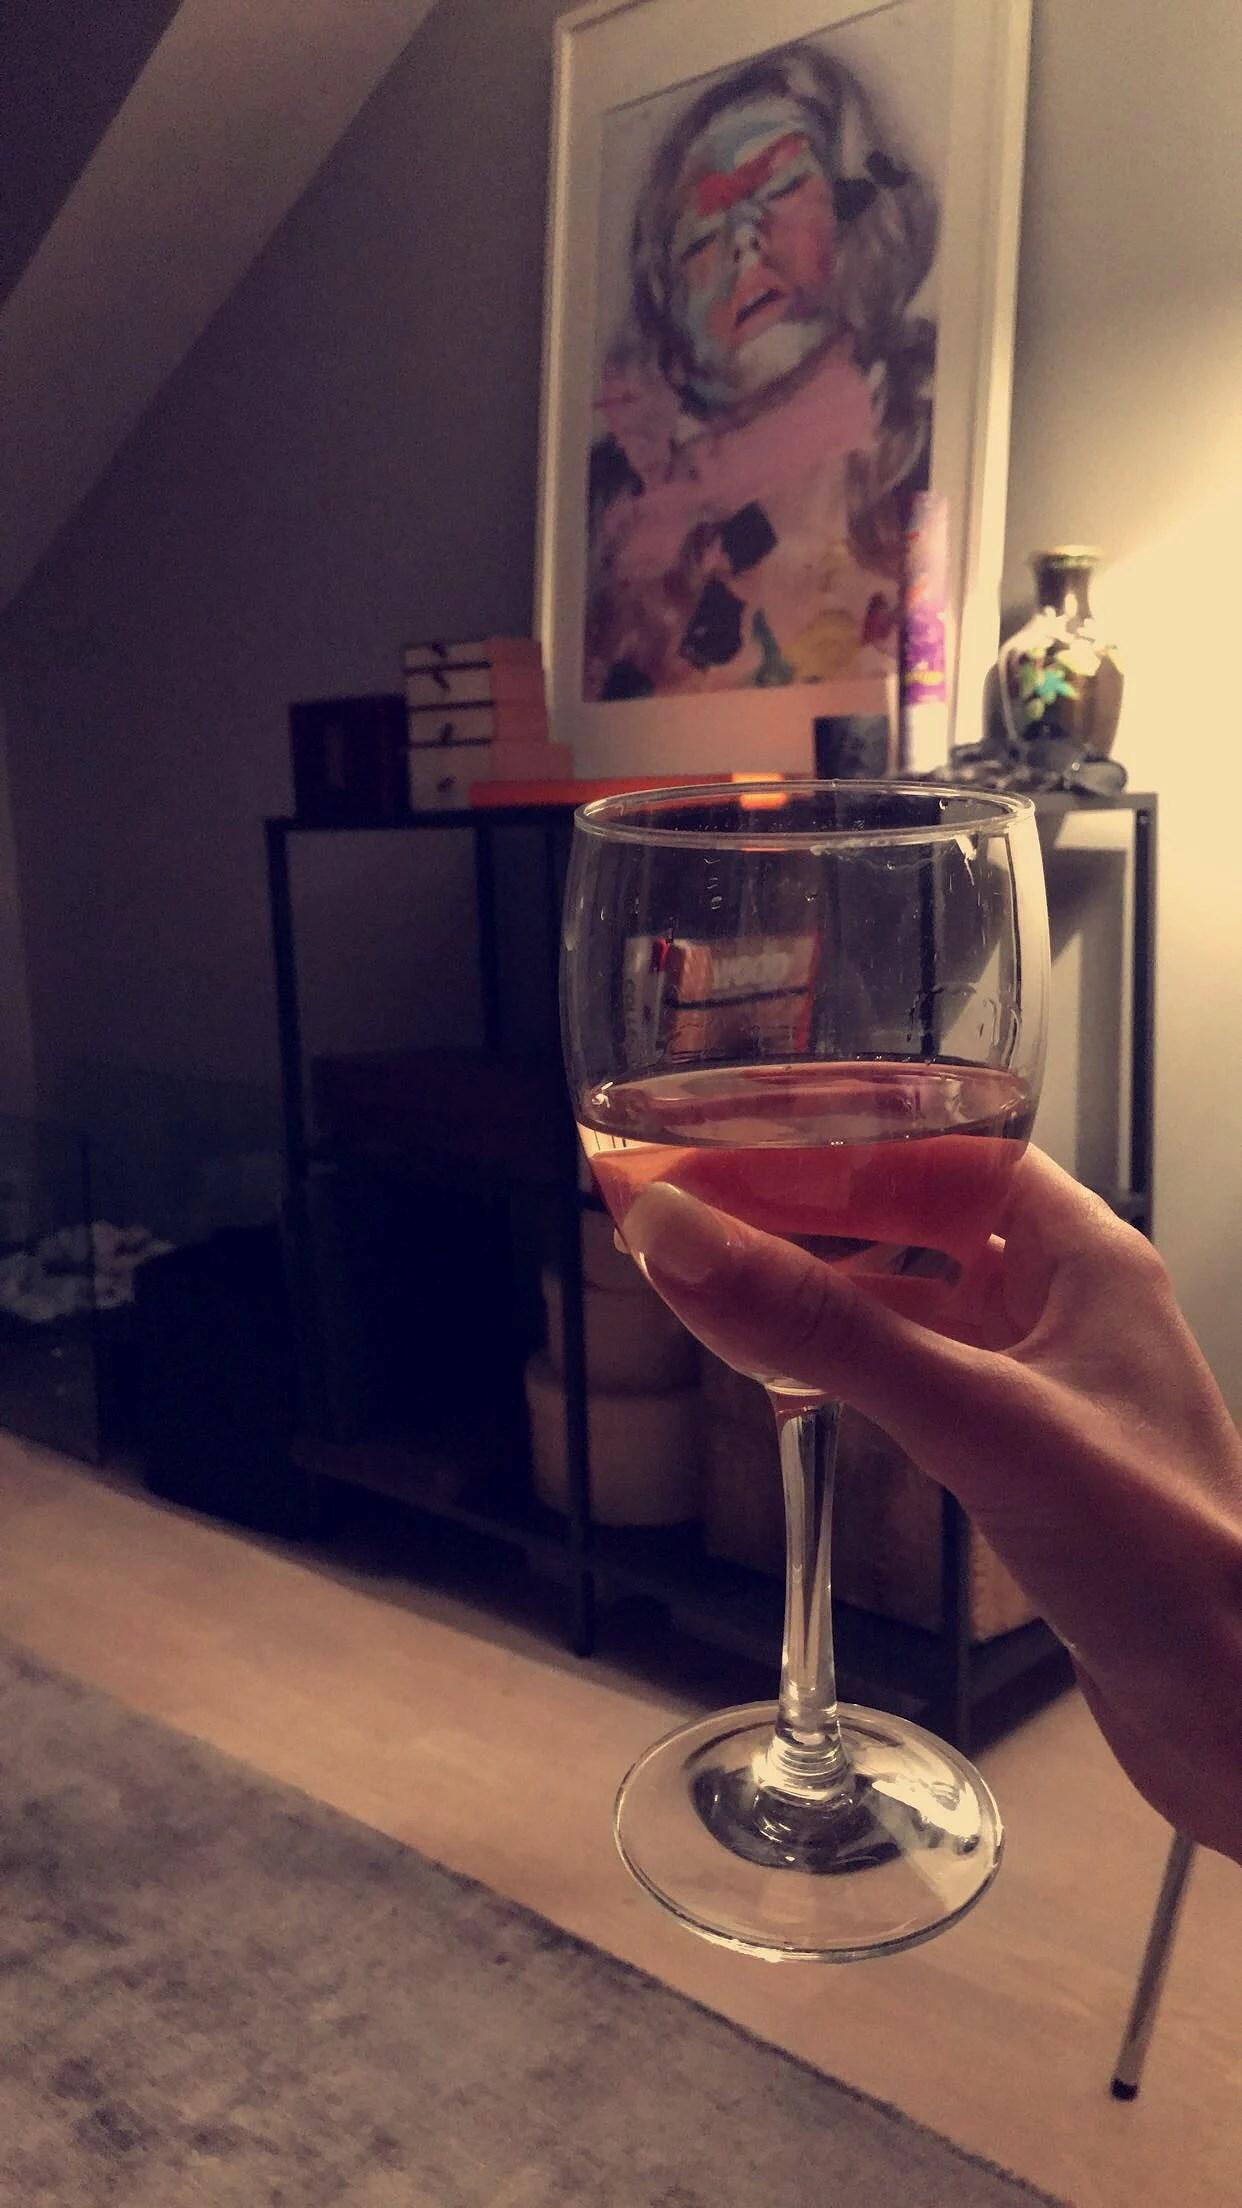 Jobb resulterar i vin